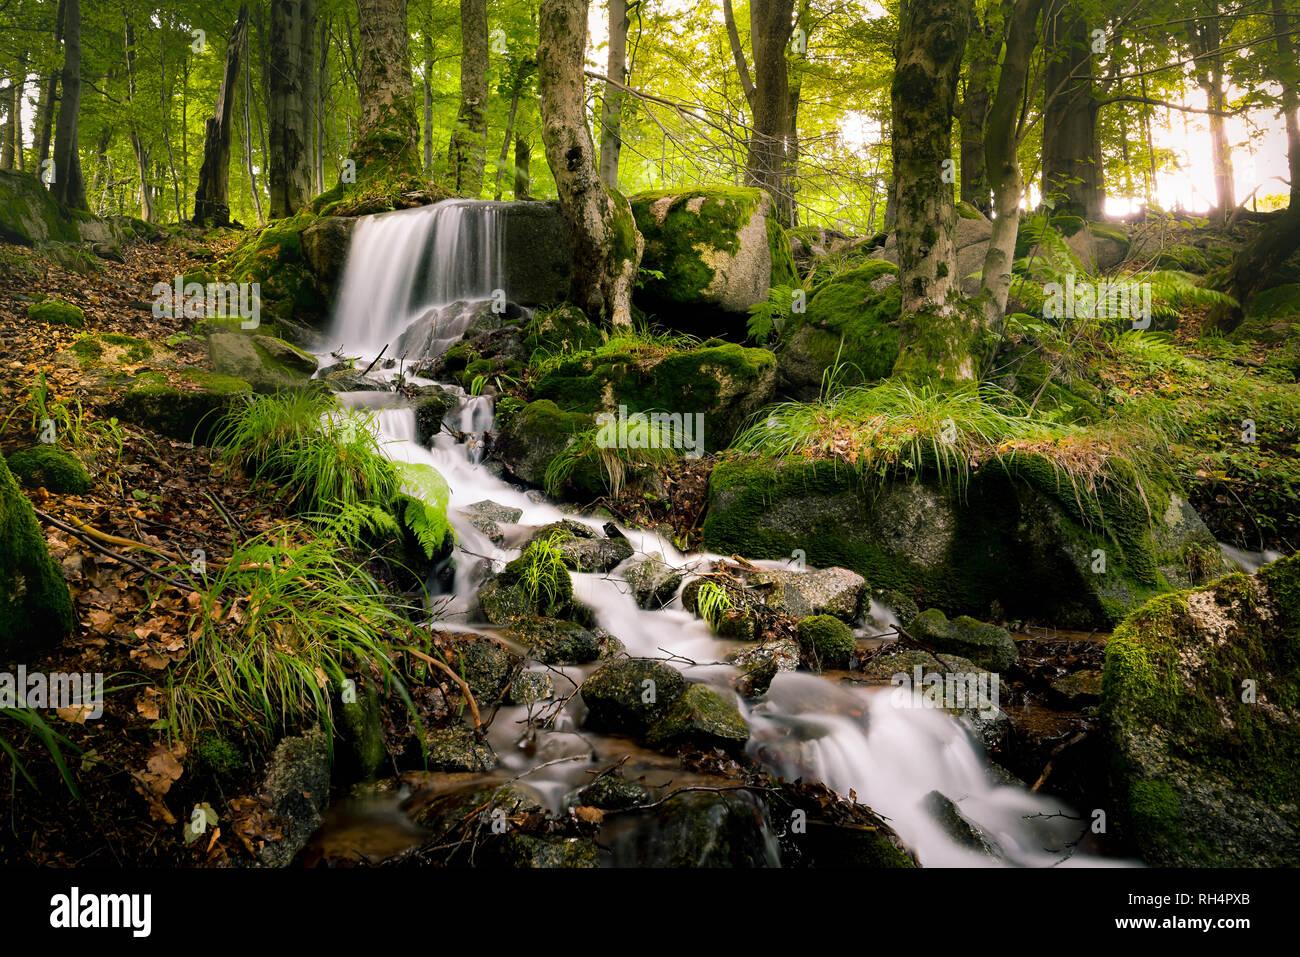 Wunderschöner Wasserfall im Thüringer Wald umgeben von grünen Pflanezn Stock Photo